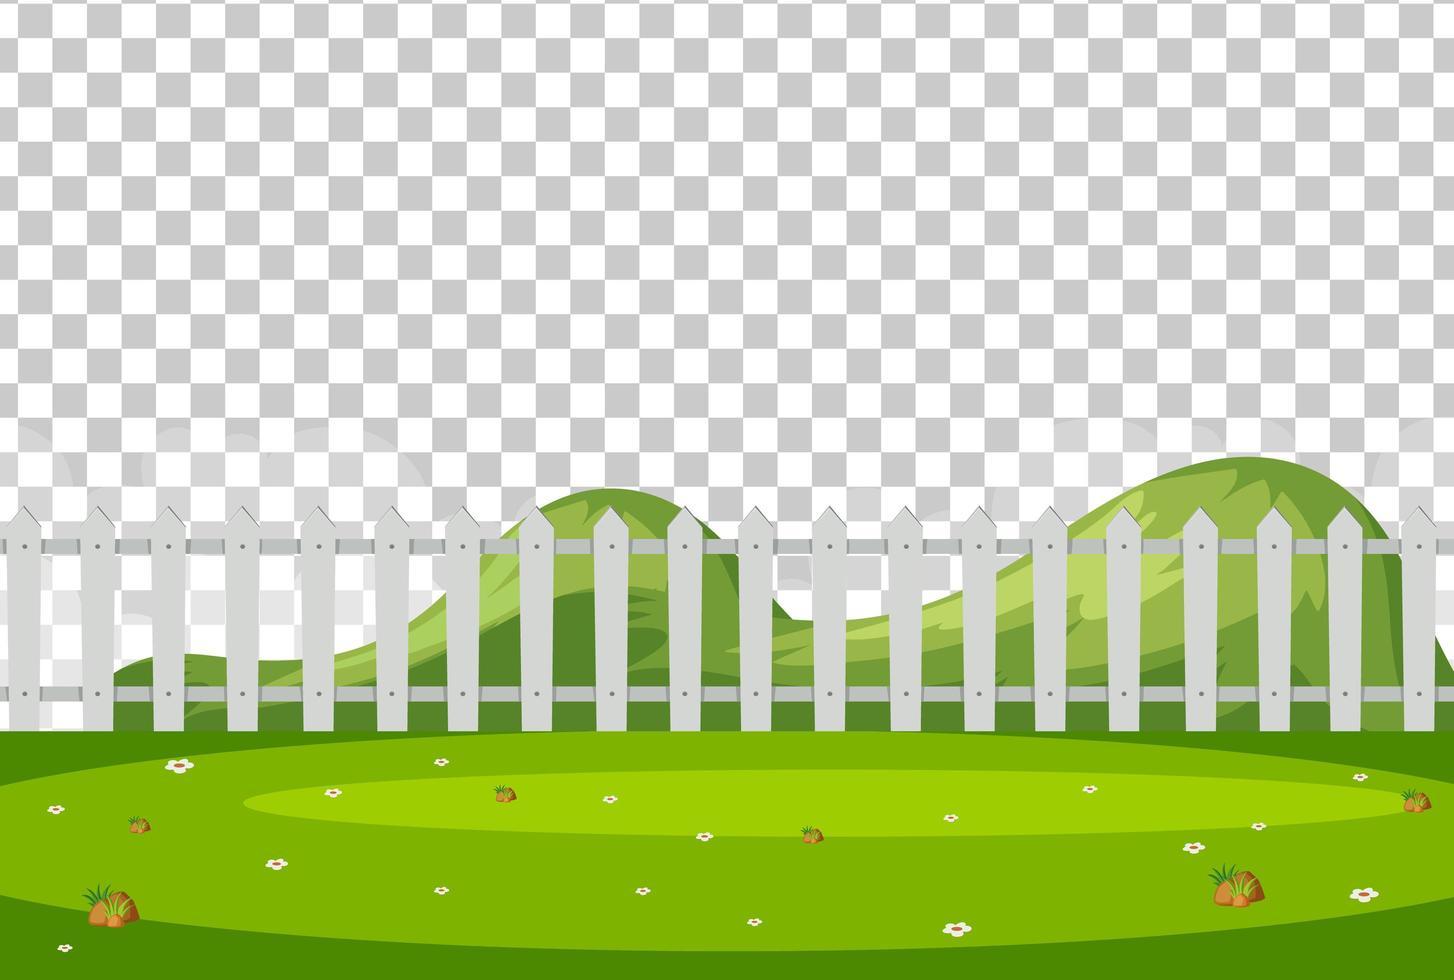 tomt naturpark scenlandskap på transparent bakgrund vektor